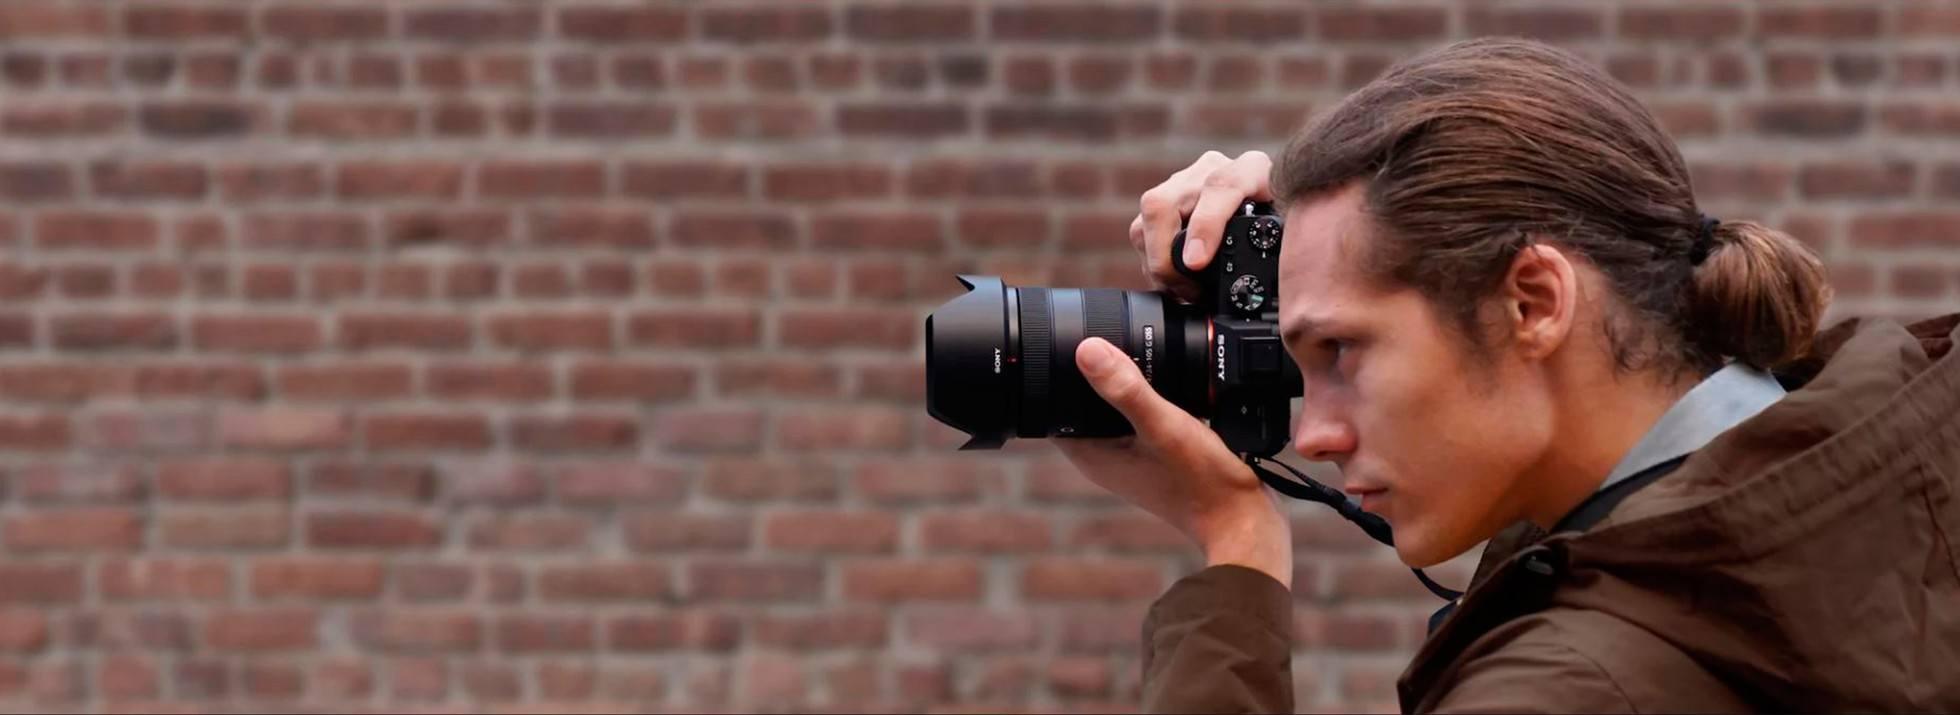 Fotohardware: Kameras, Objektive, Zubehör bei Foto Kücher